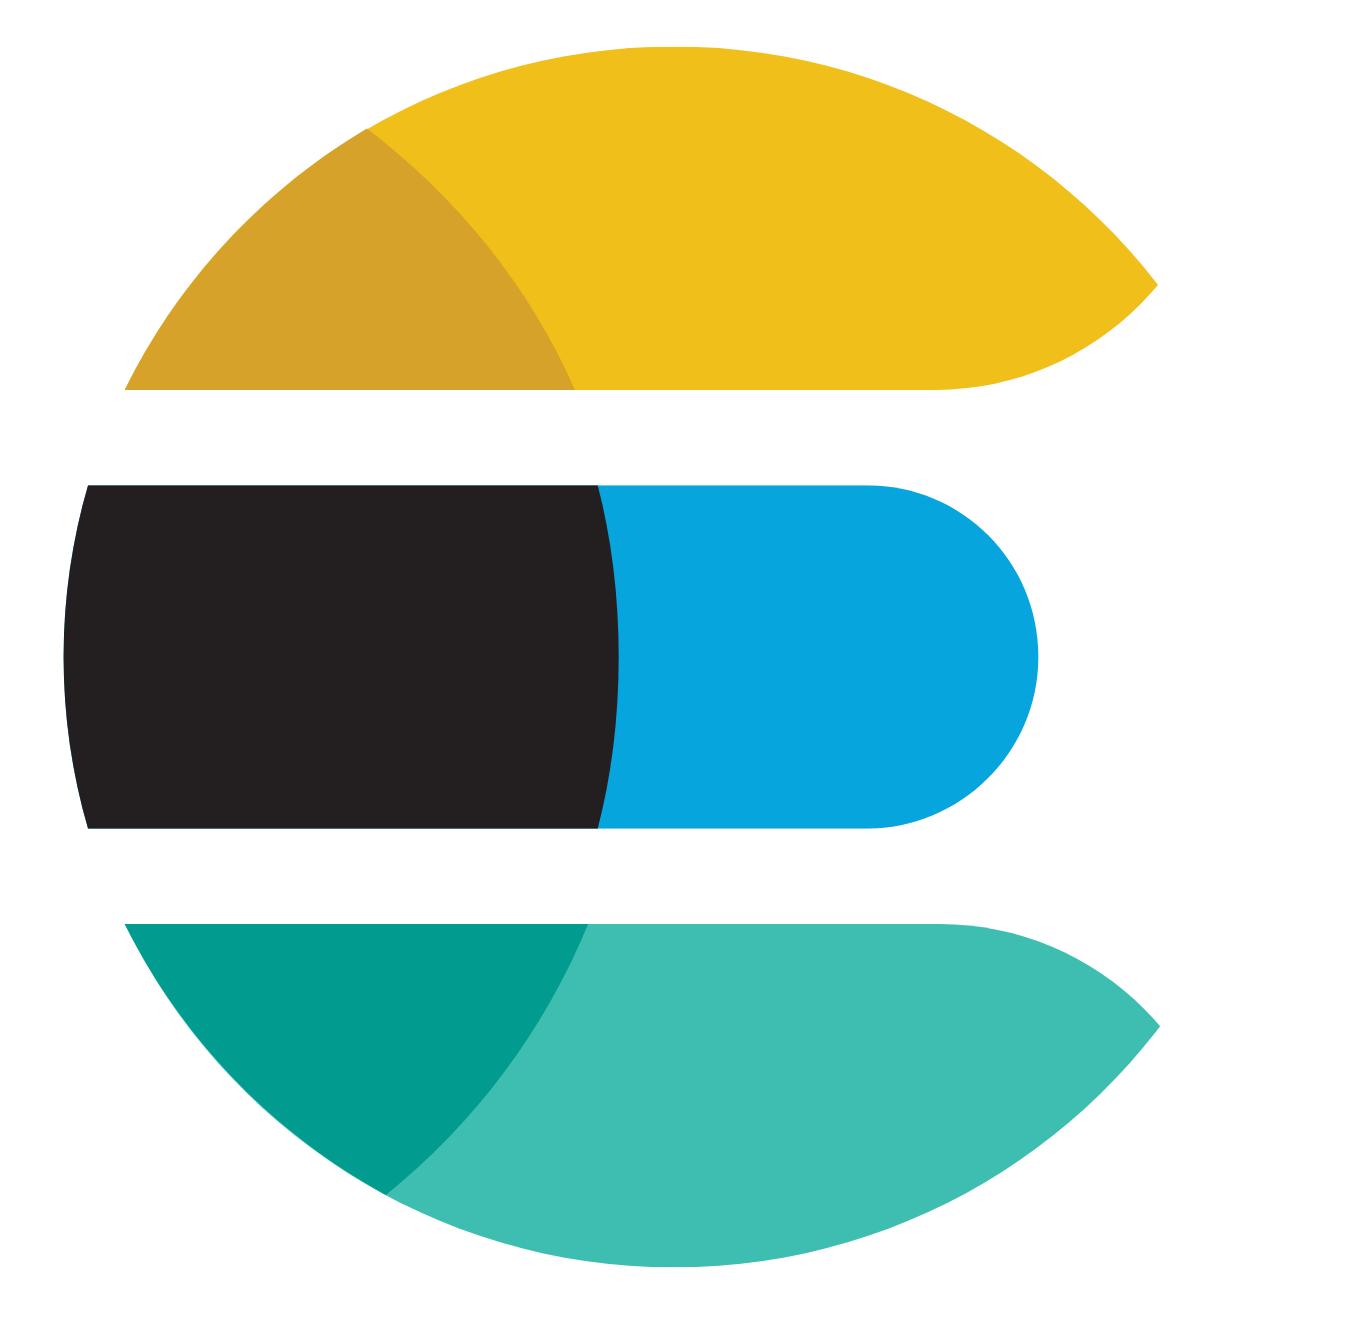 Вышел Elasticsearch 6.3.0 - 1